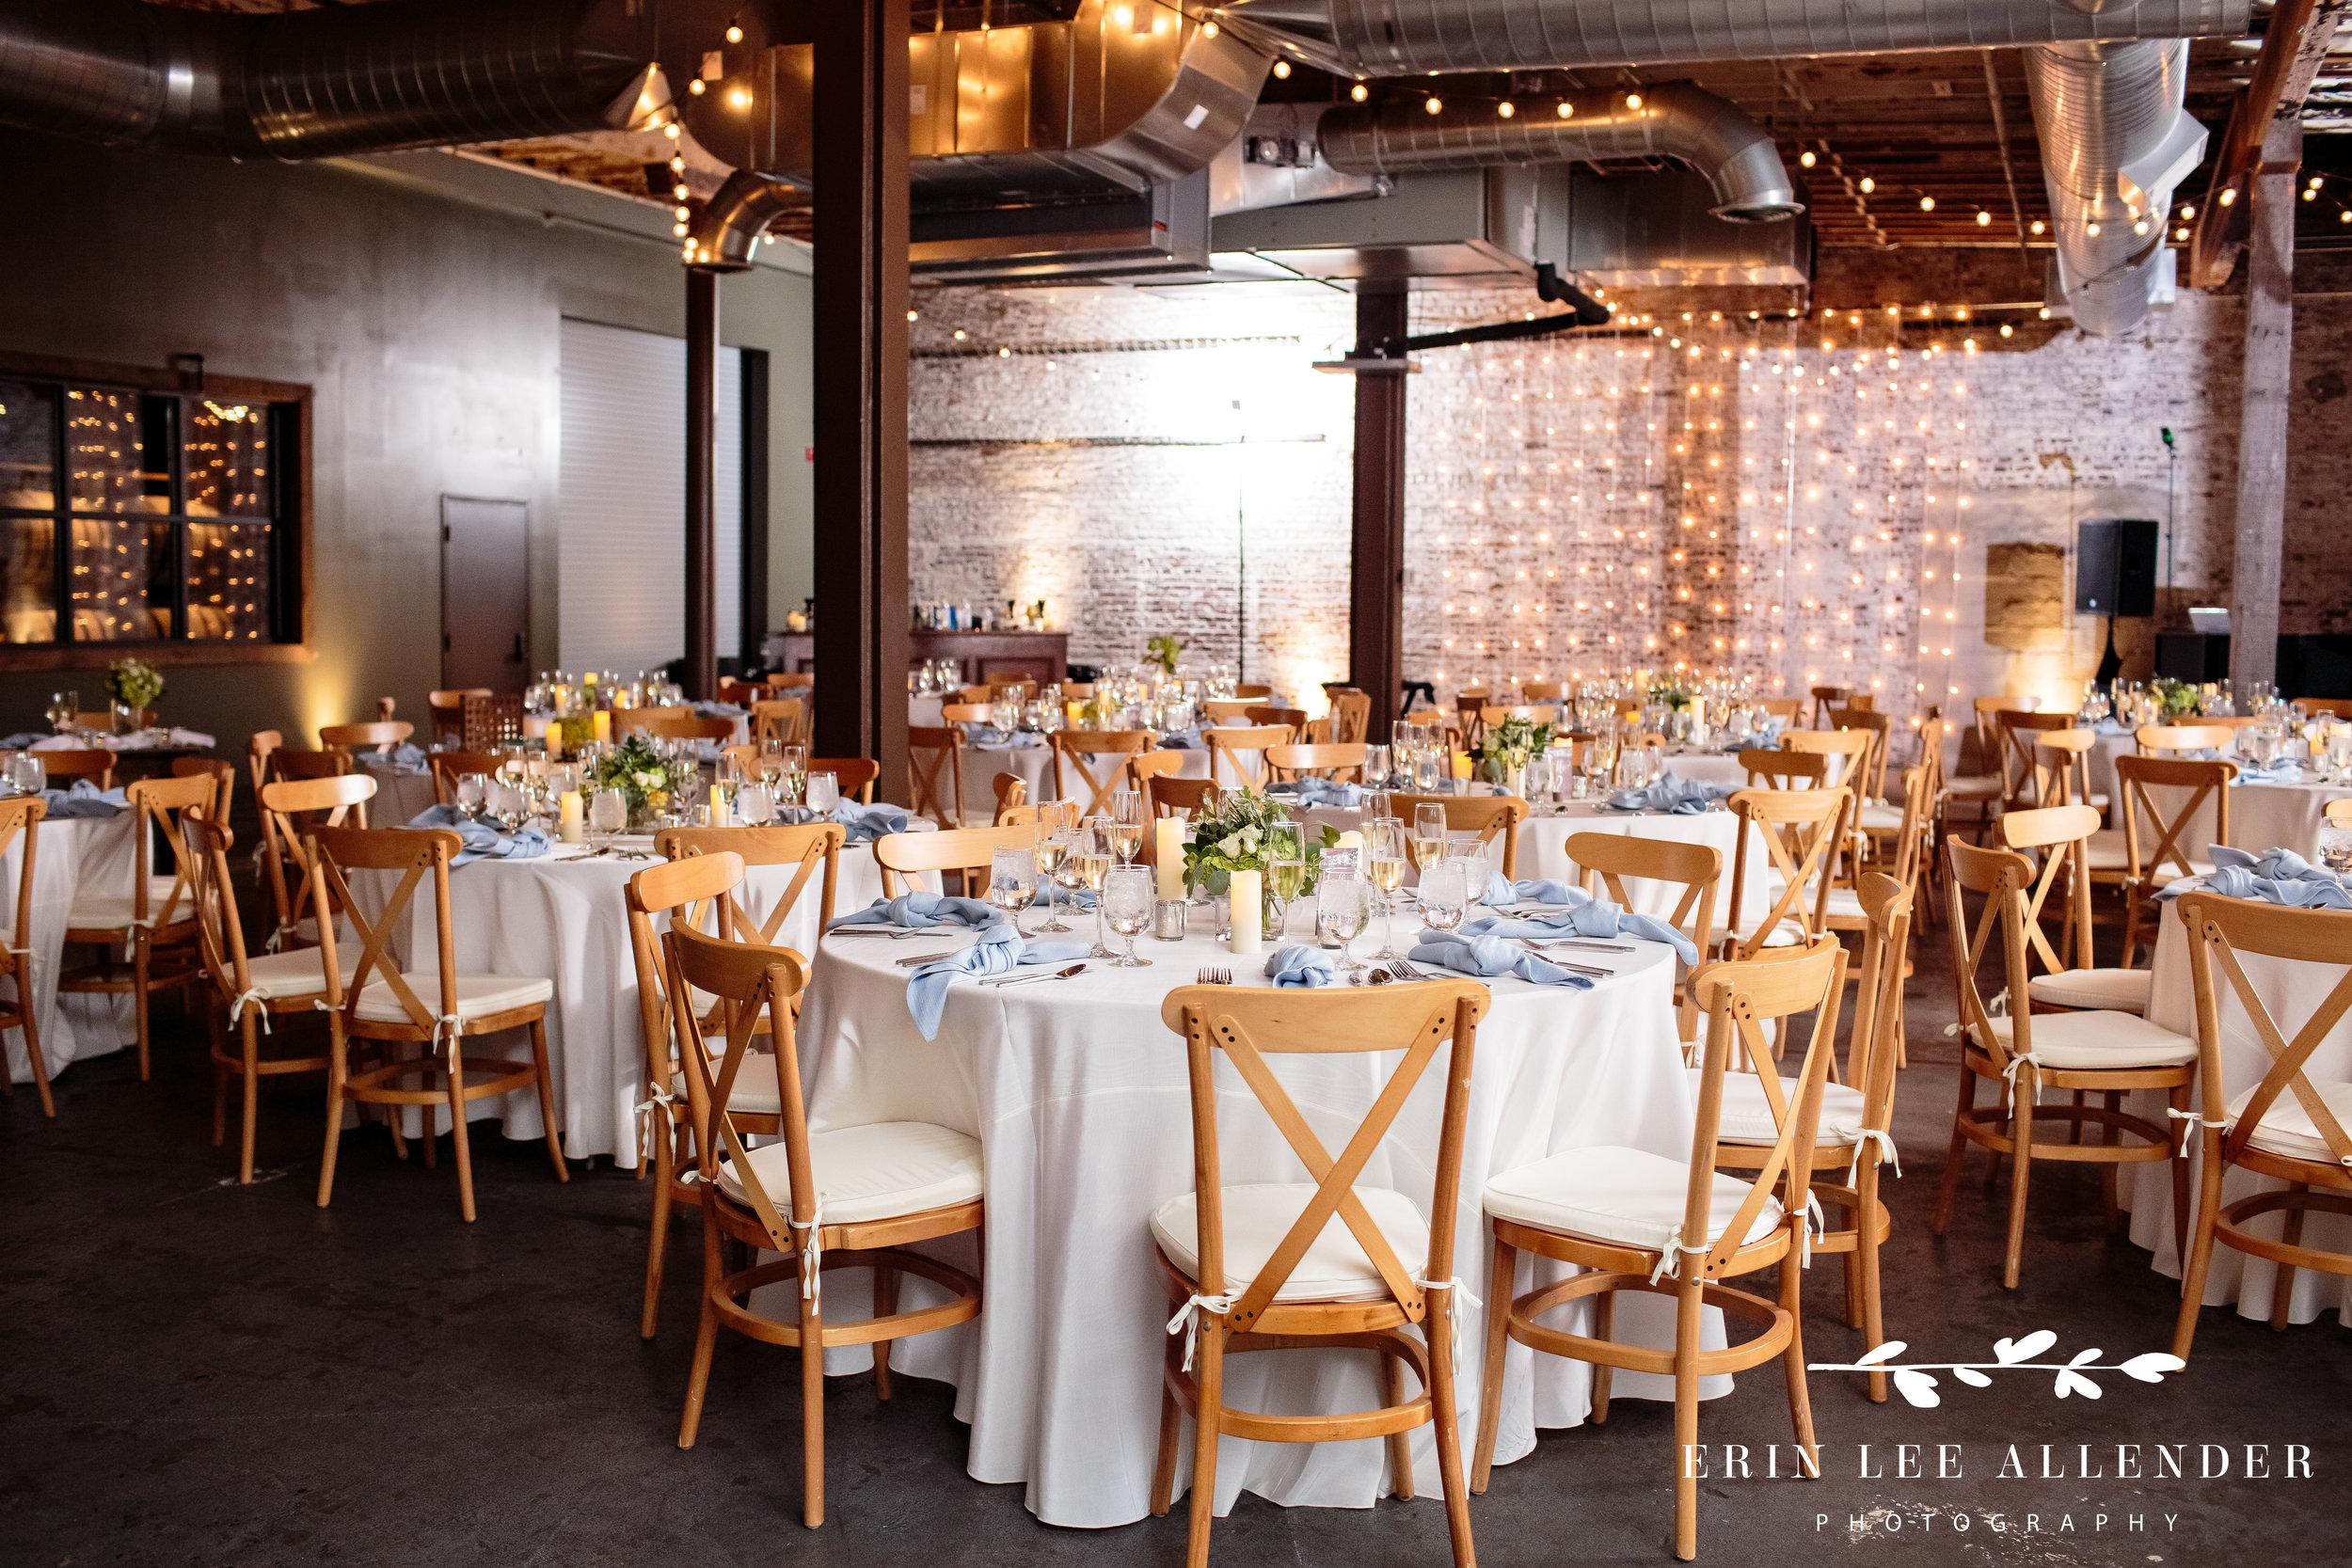 nelson's-green-brier-distillery-wedding